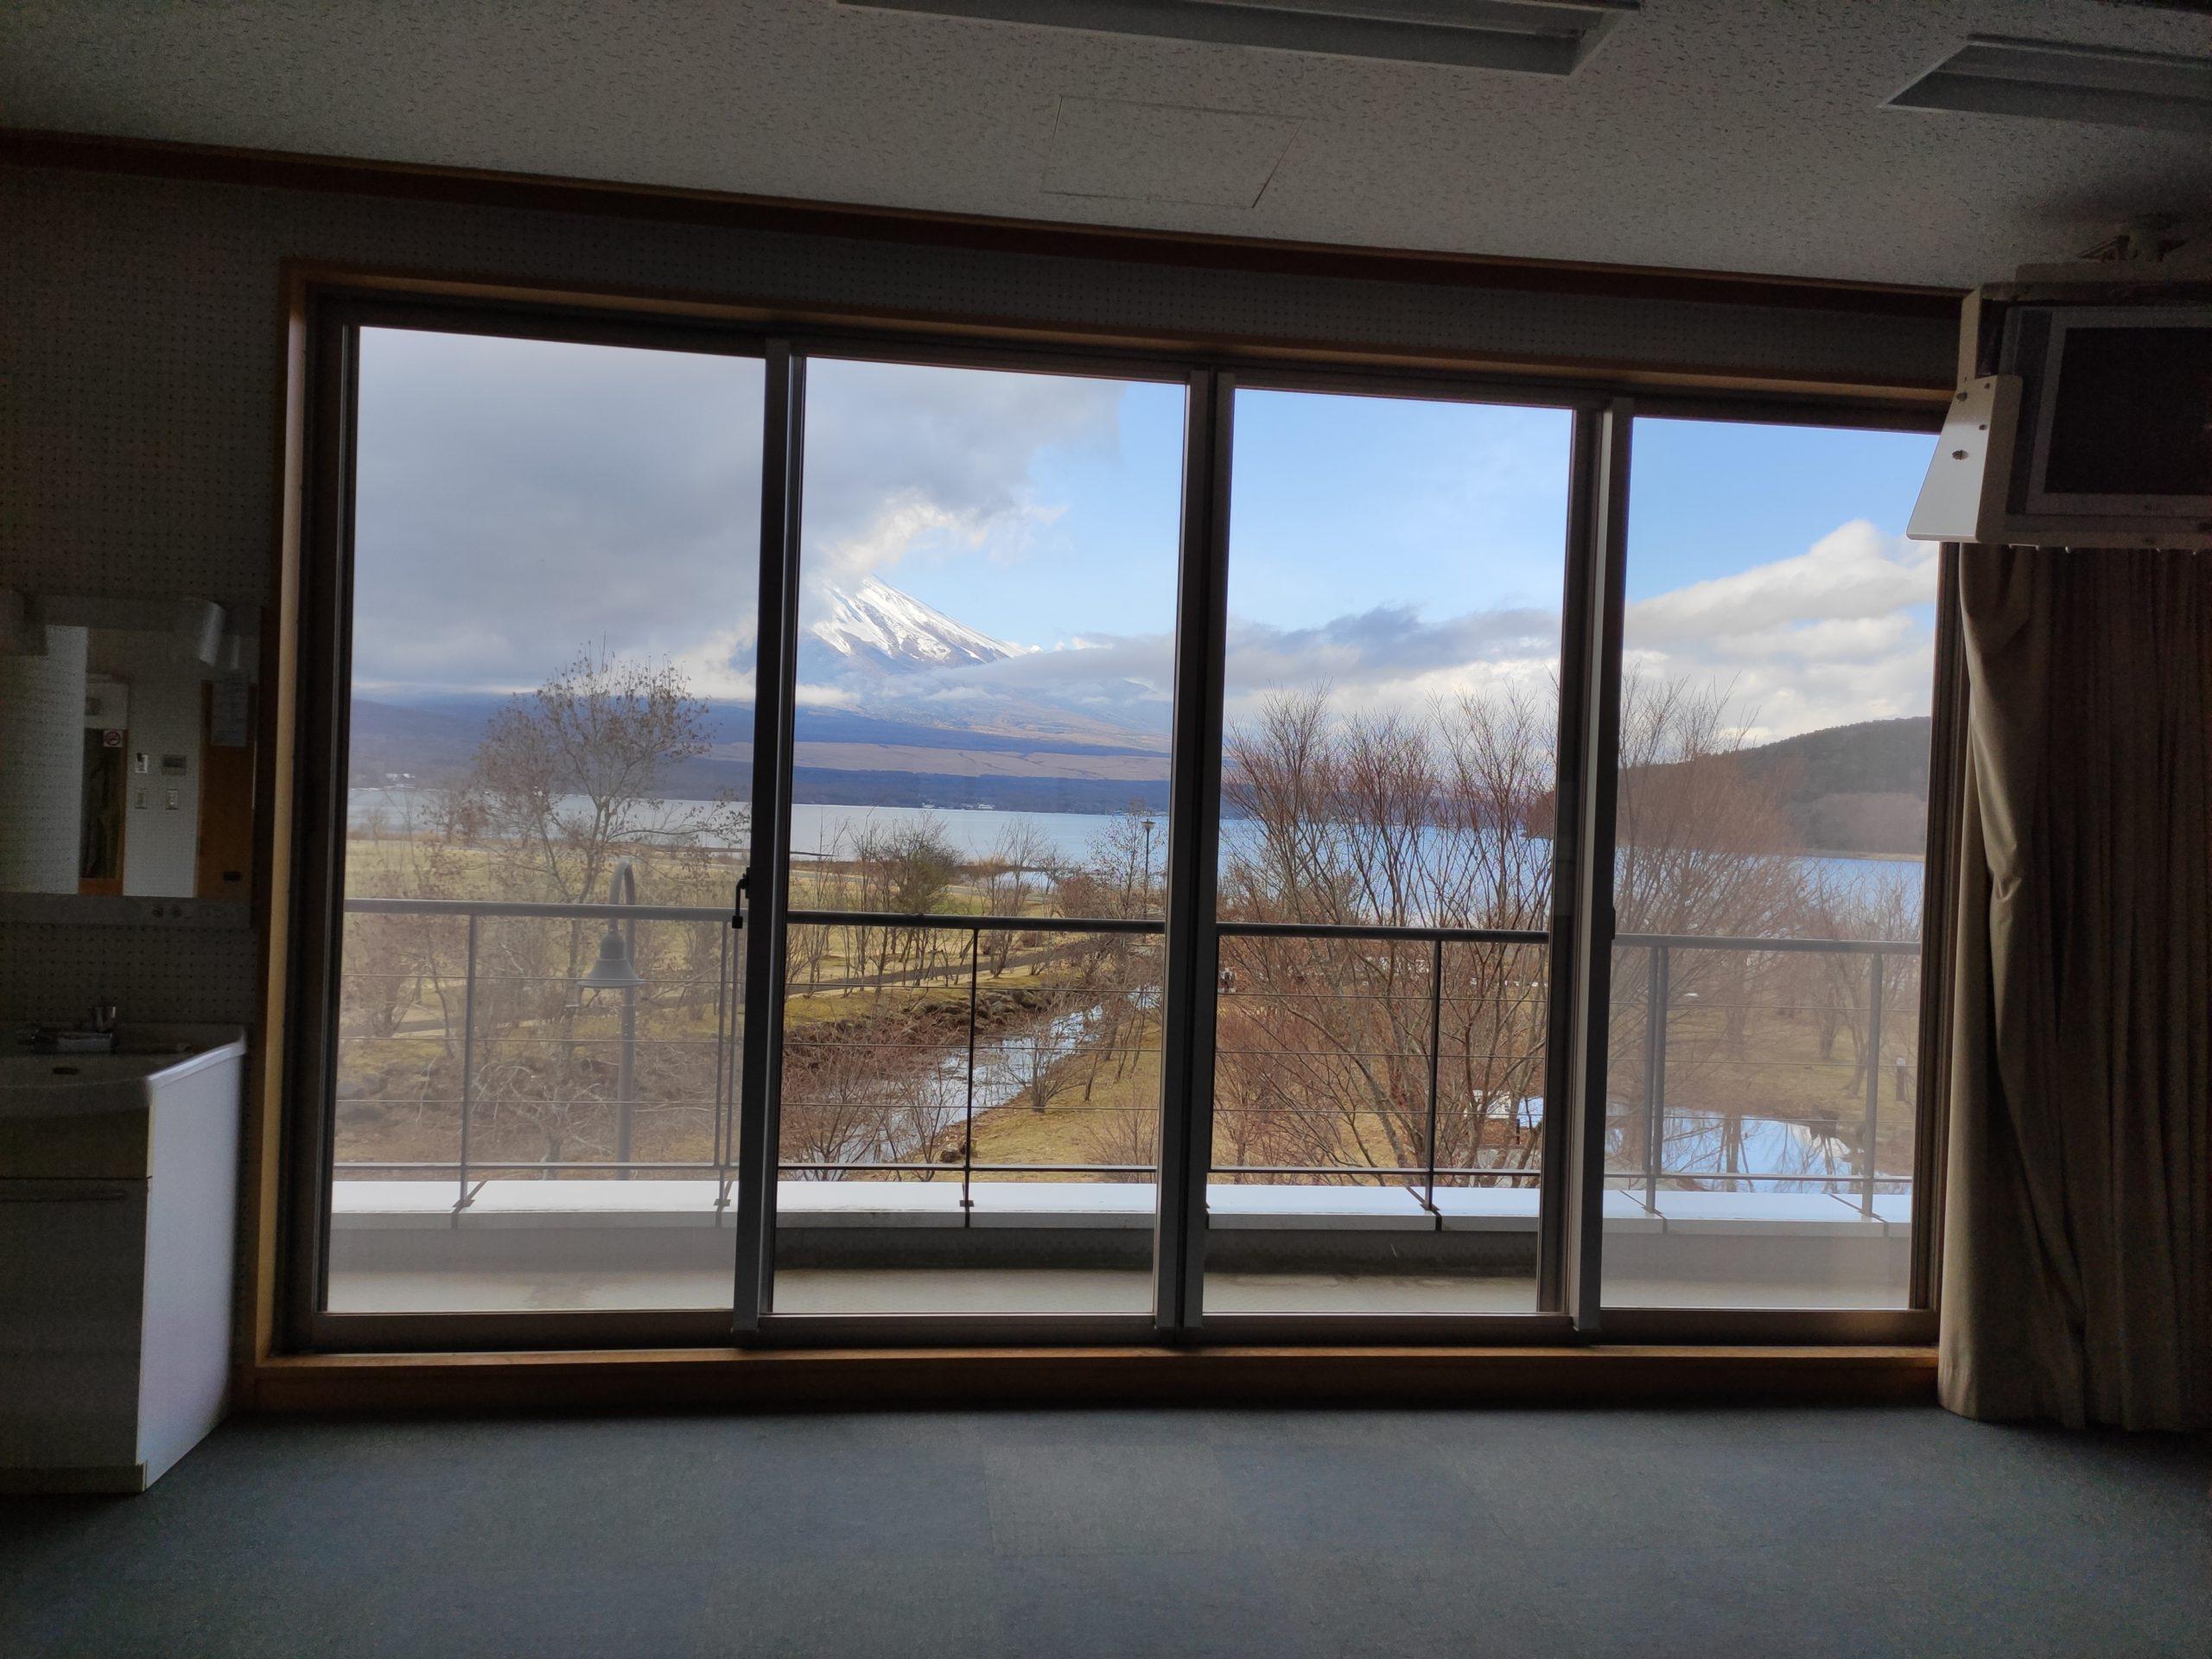 山中湖で富士山を眺めながらの朝ヨガ教室に行ってきました!交流プラザきらら post thumbnail image